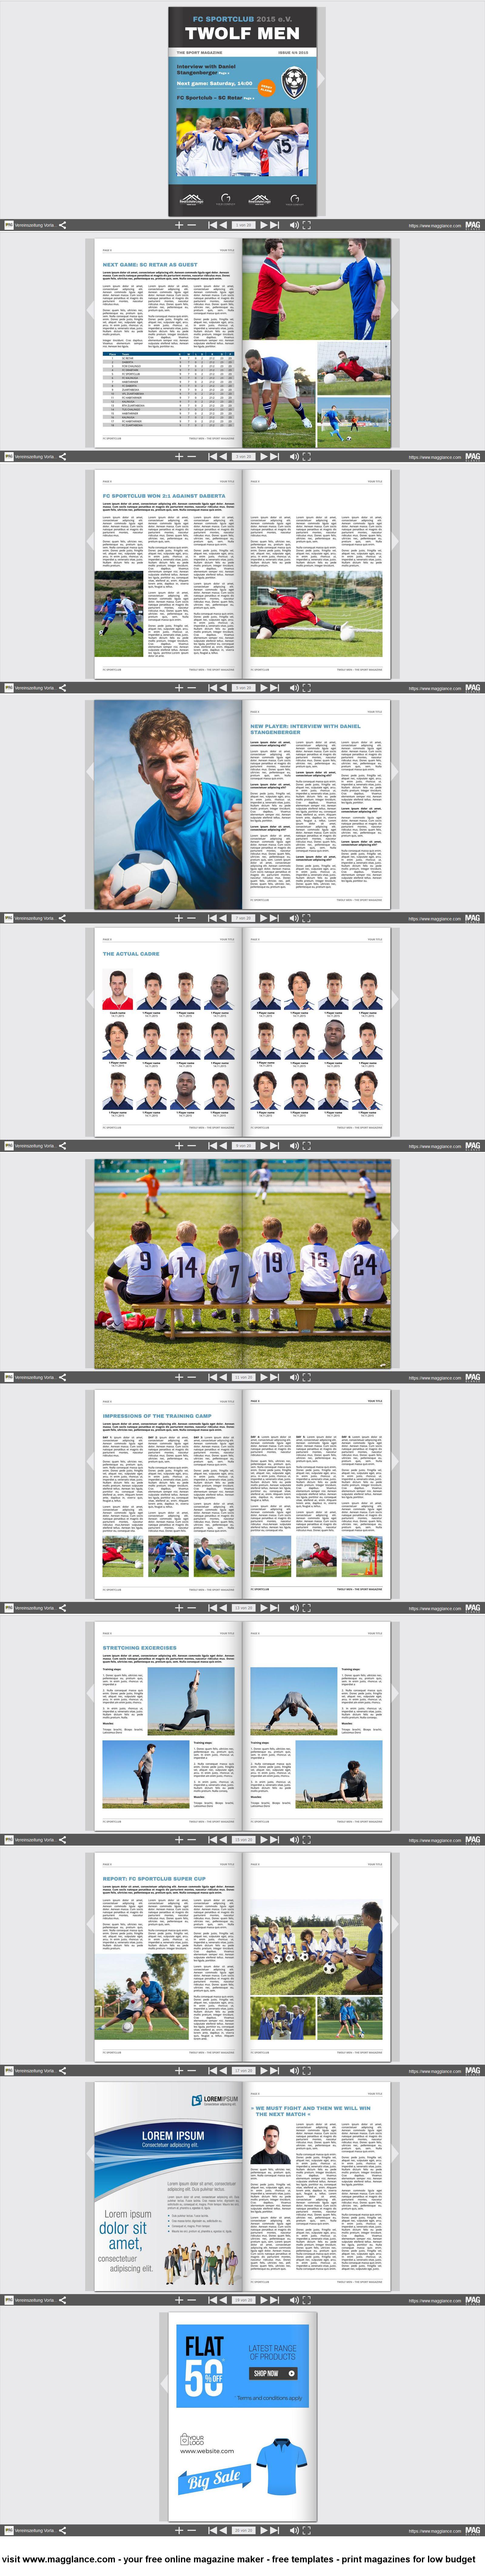 Vereinszeitung Kostenlos Online Erstellen Und Gunstig Drucken Unter Https De Magglance Com Vereinszeitung Vorlage Zeitung Magazin Ve Zeitung Verein Online